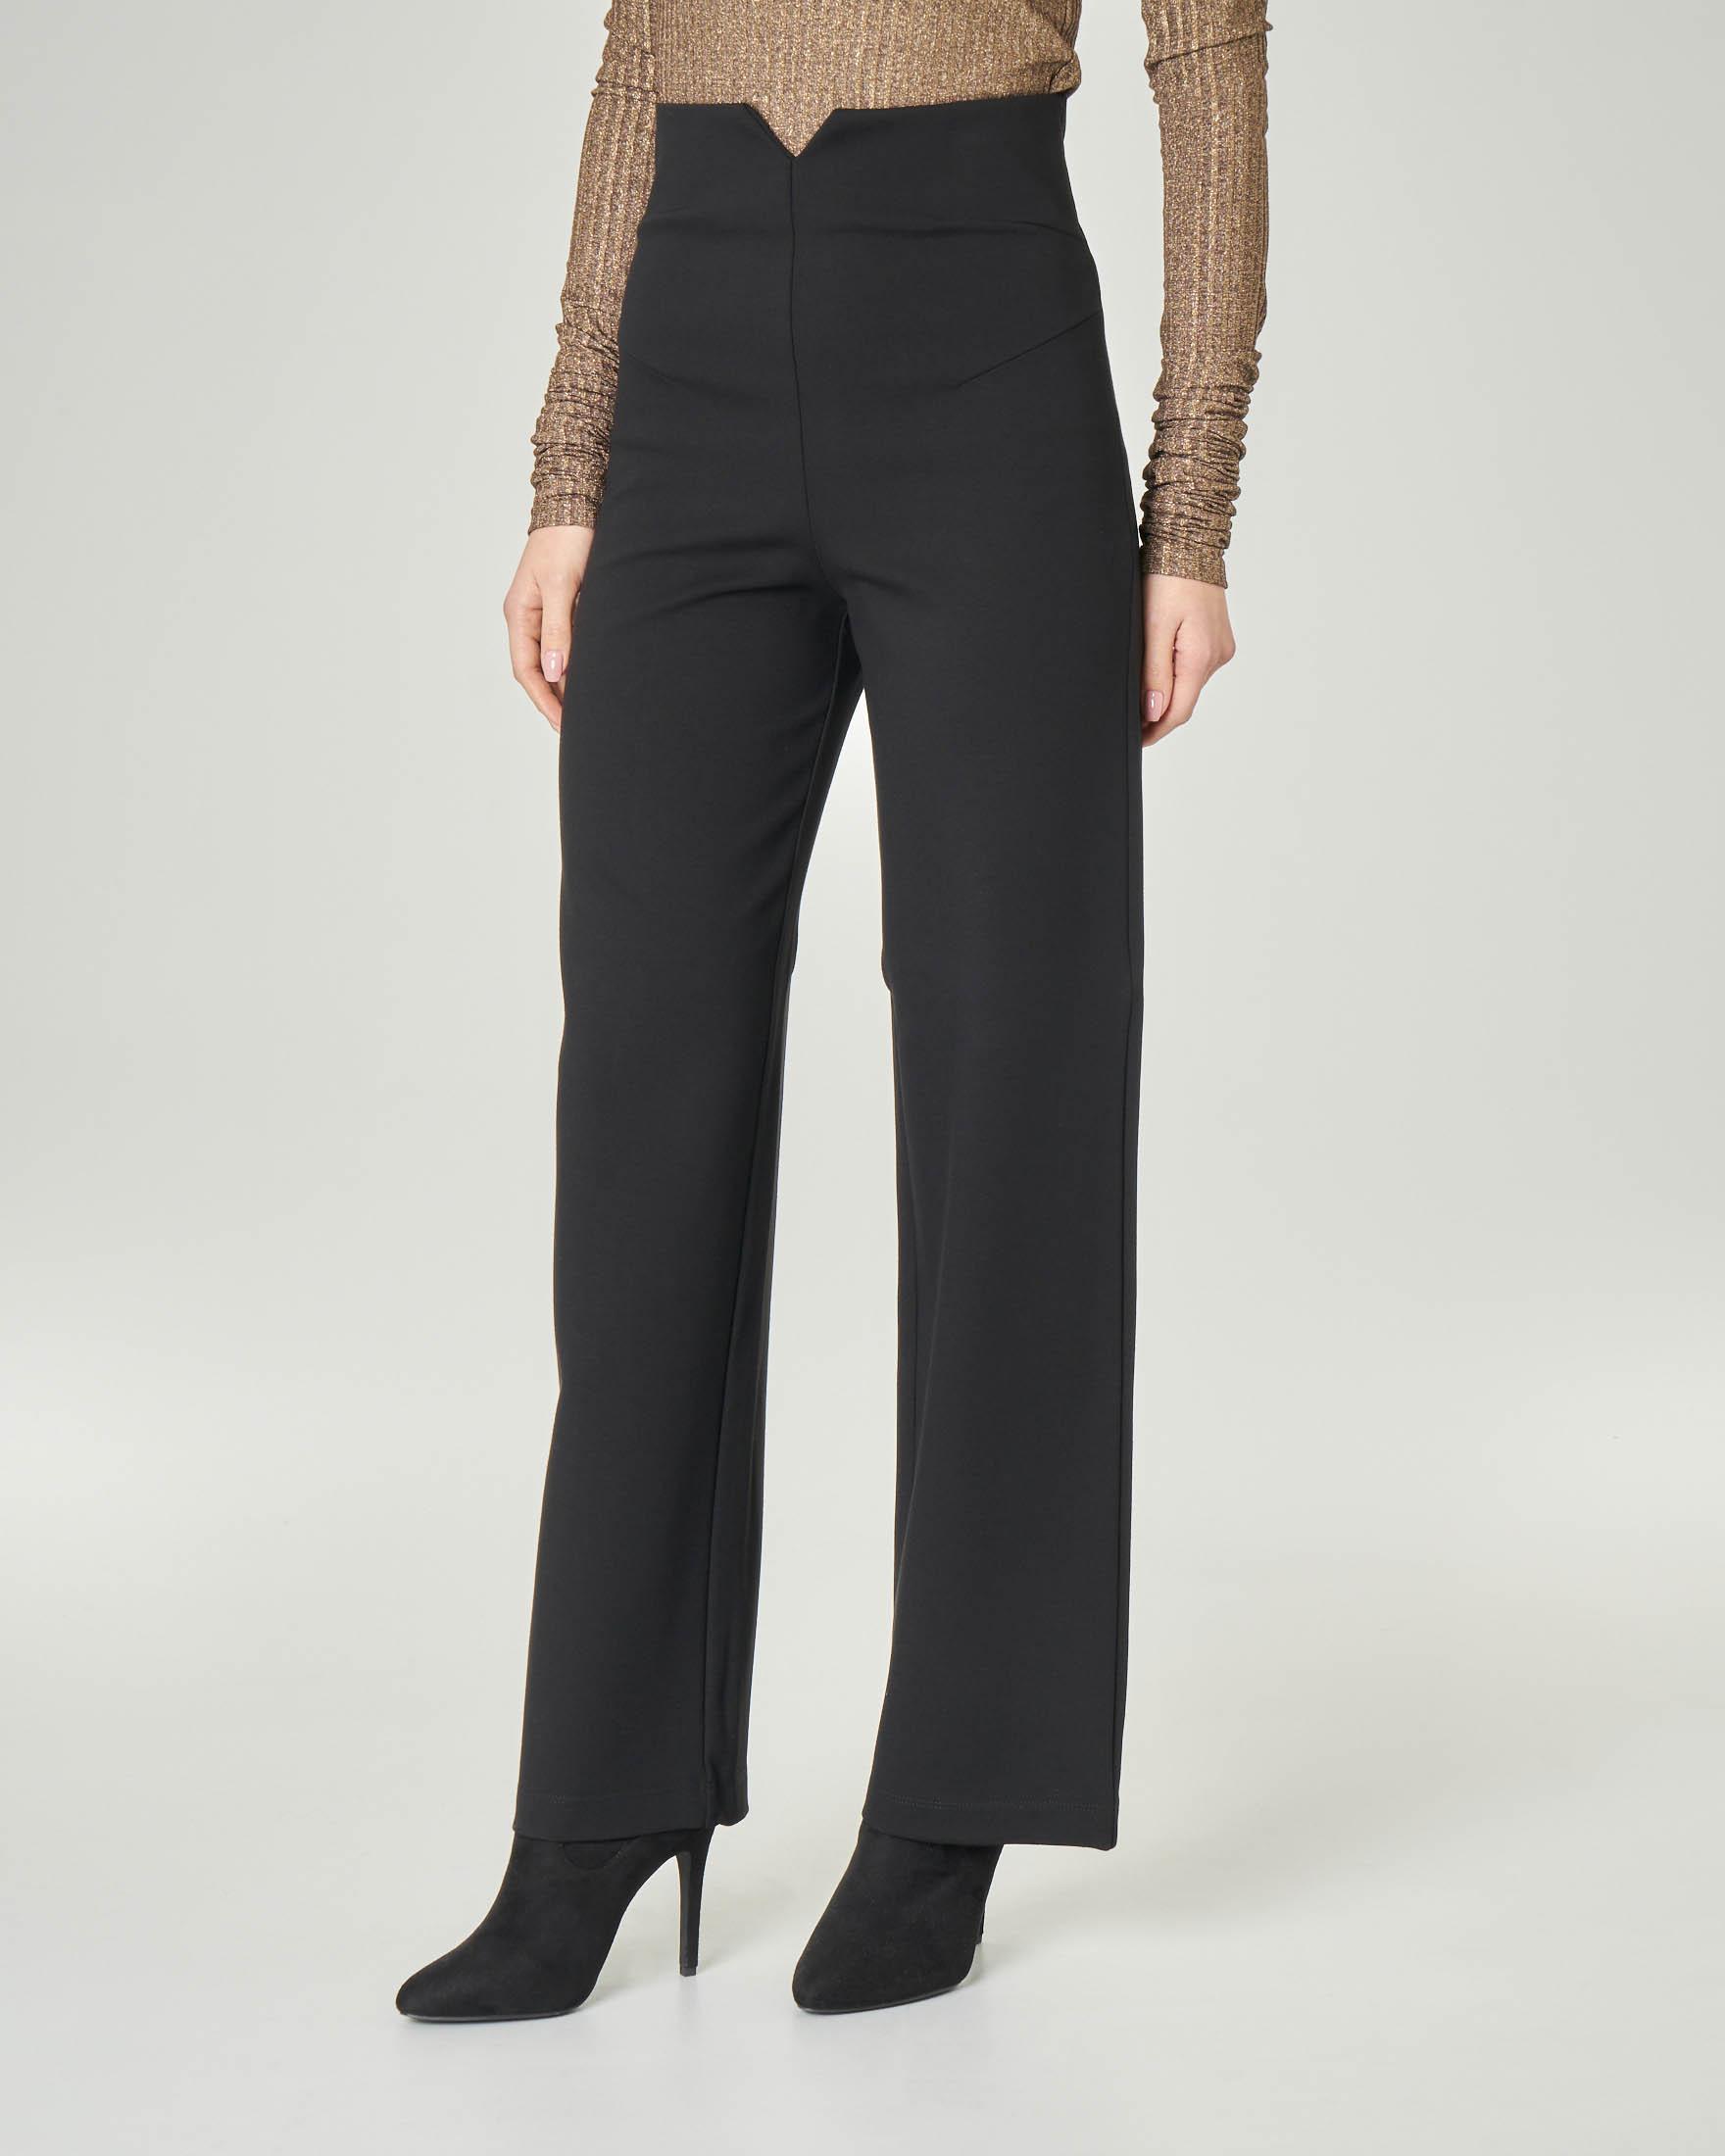 Pantaloni neri in viscos stretch a vita alta